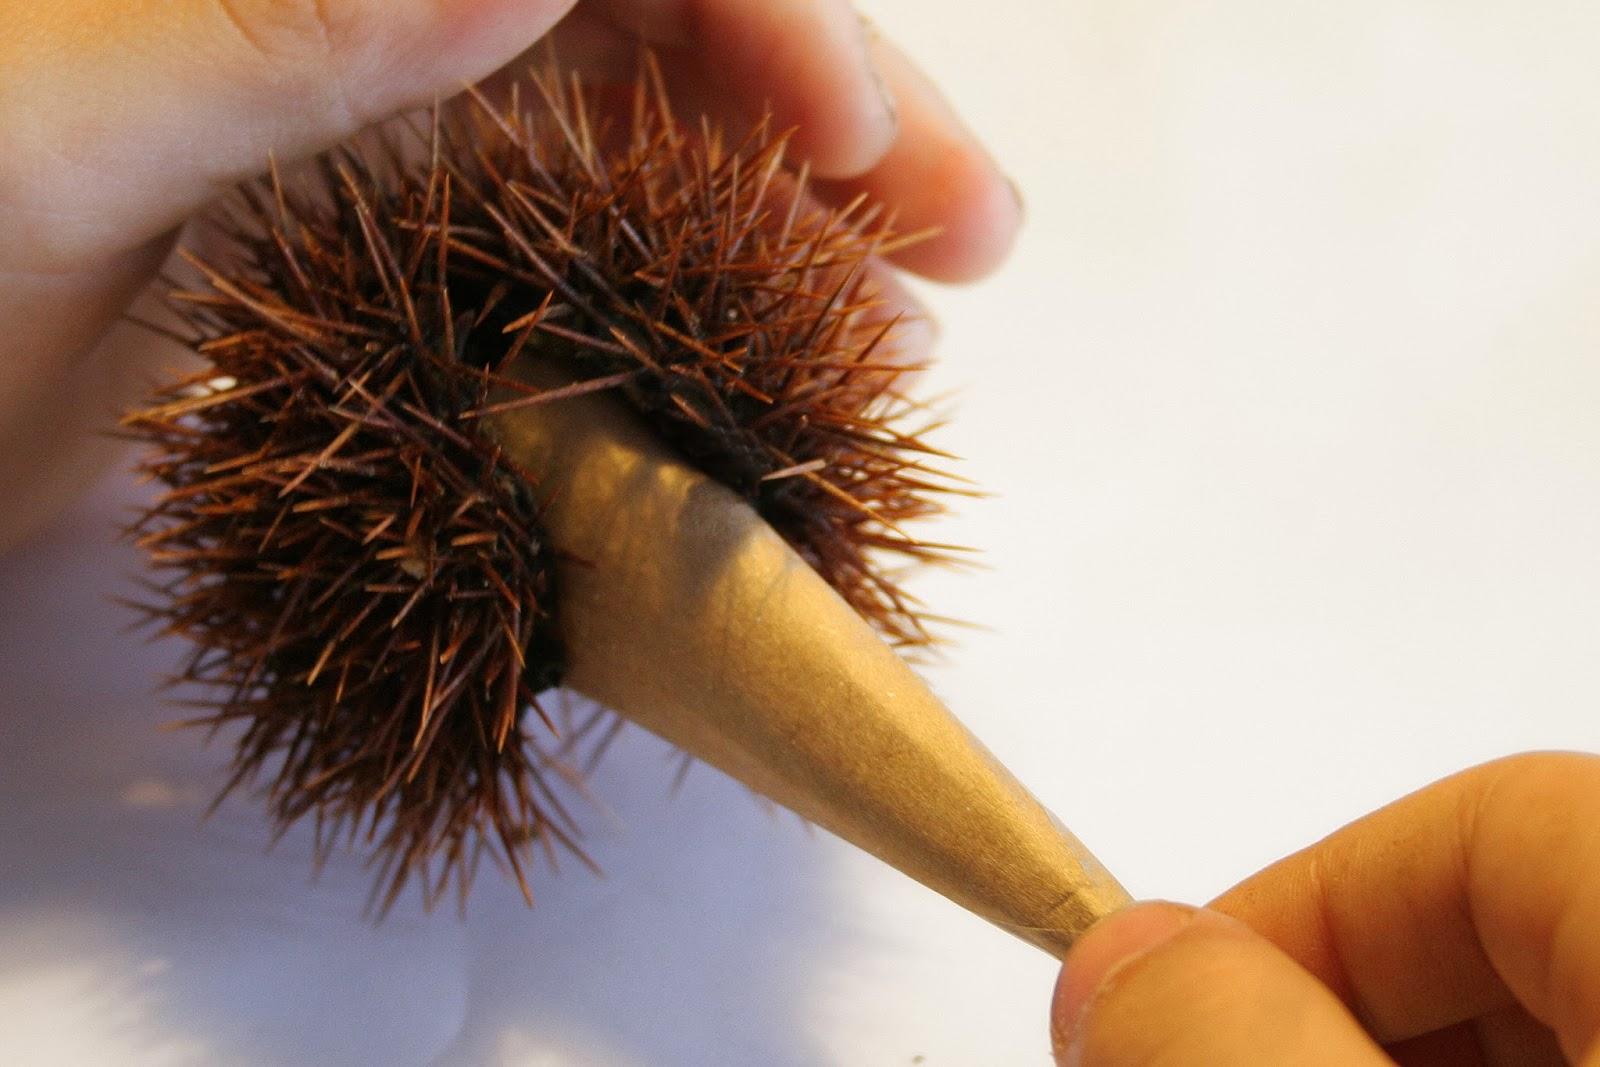 Manualidad: Erizo con cáscara de castaña10